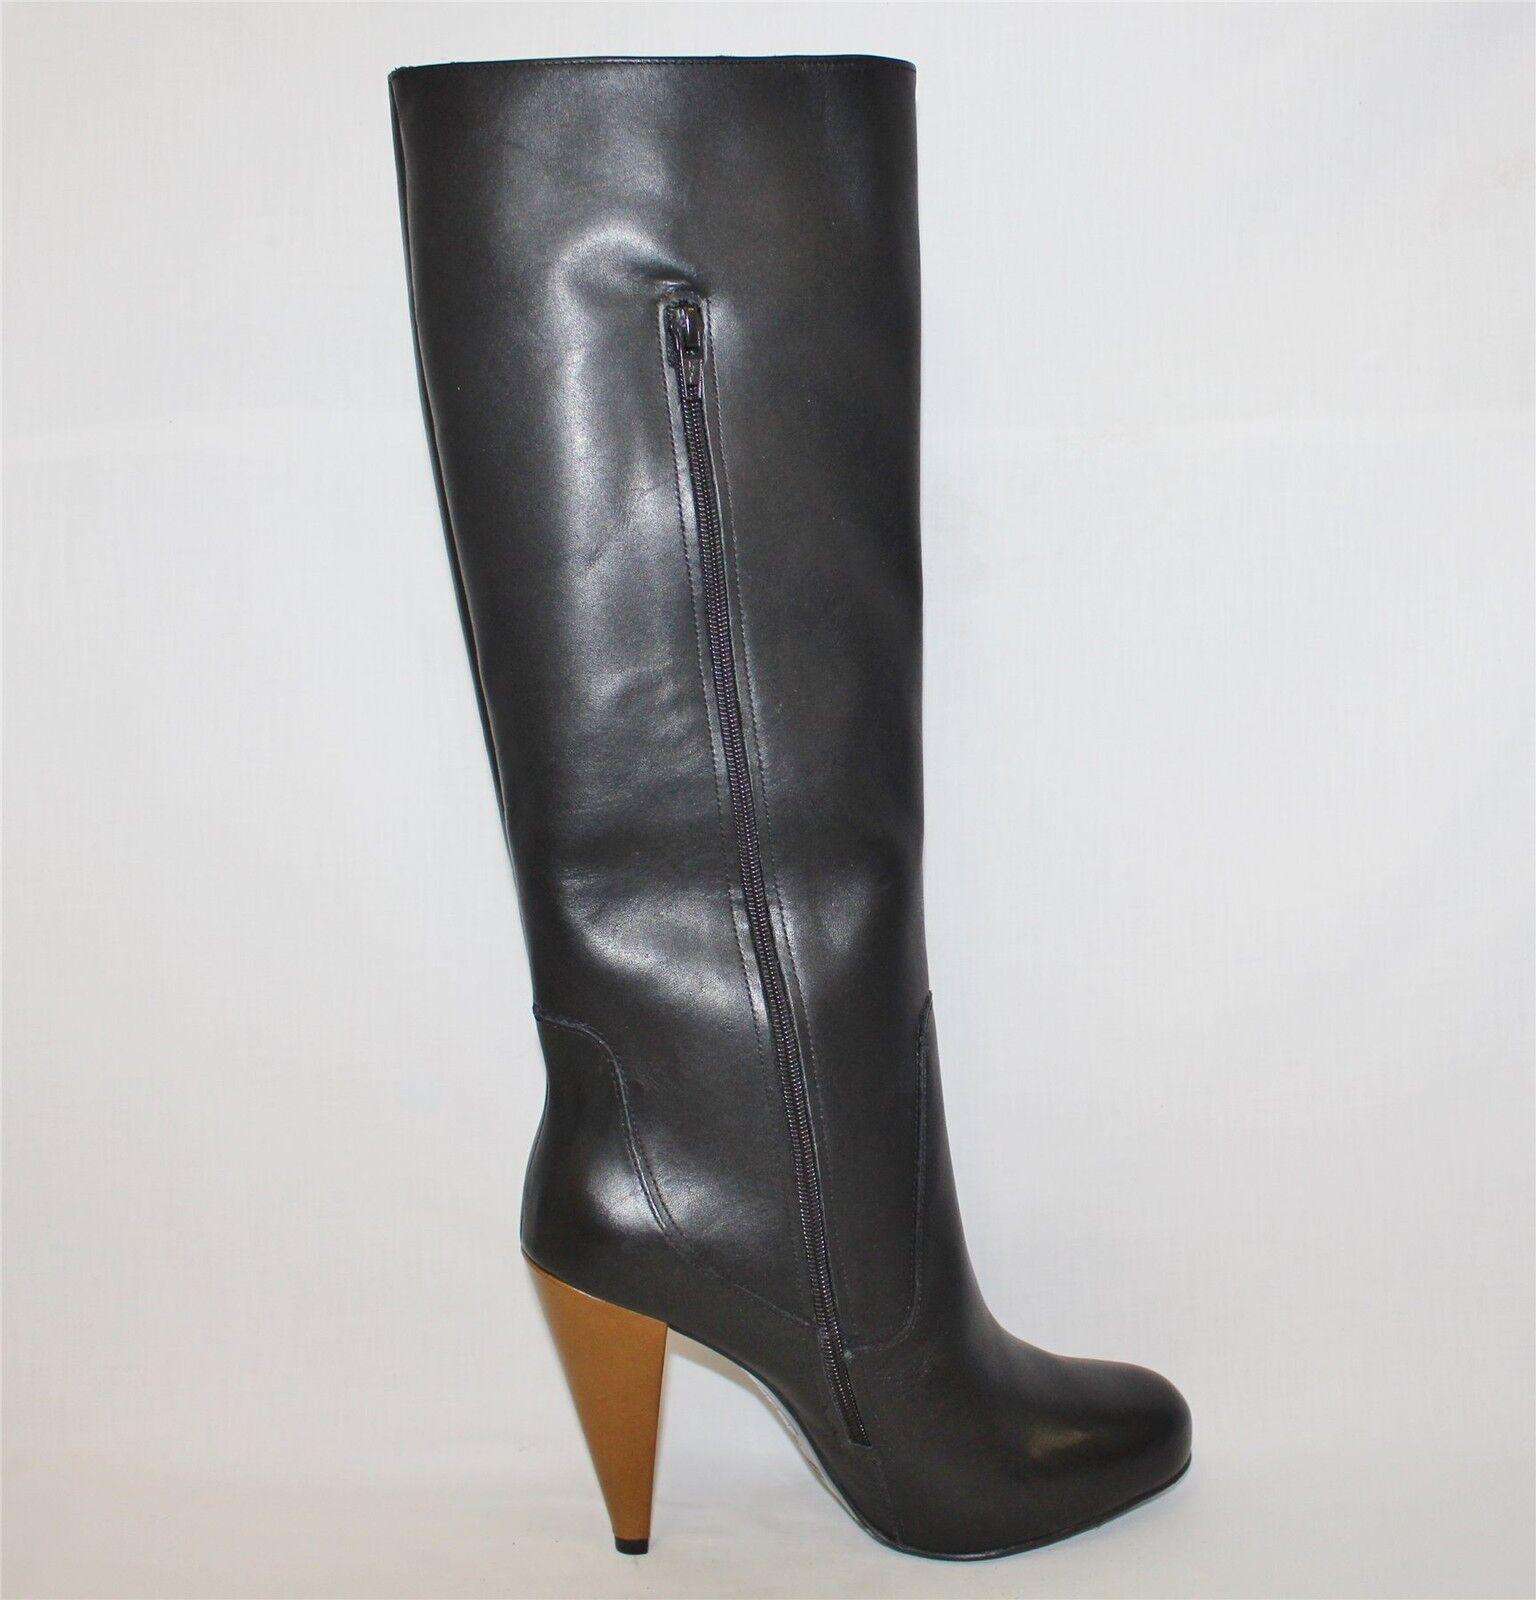 Noble botas de cuero en color negro con un pequeño oculta plataforma